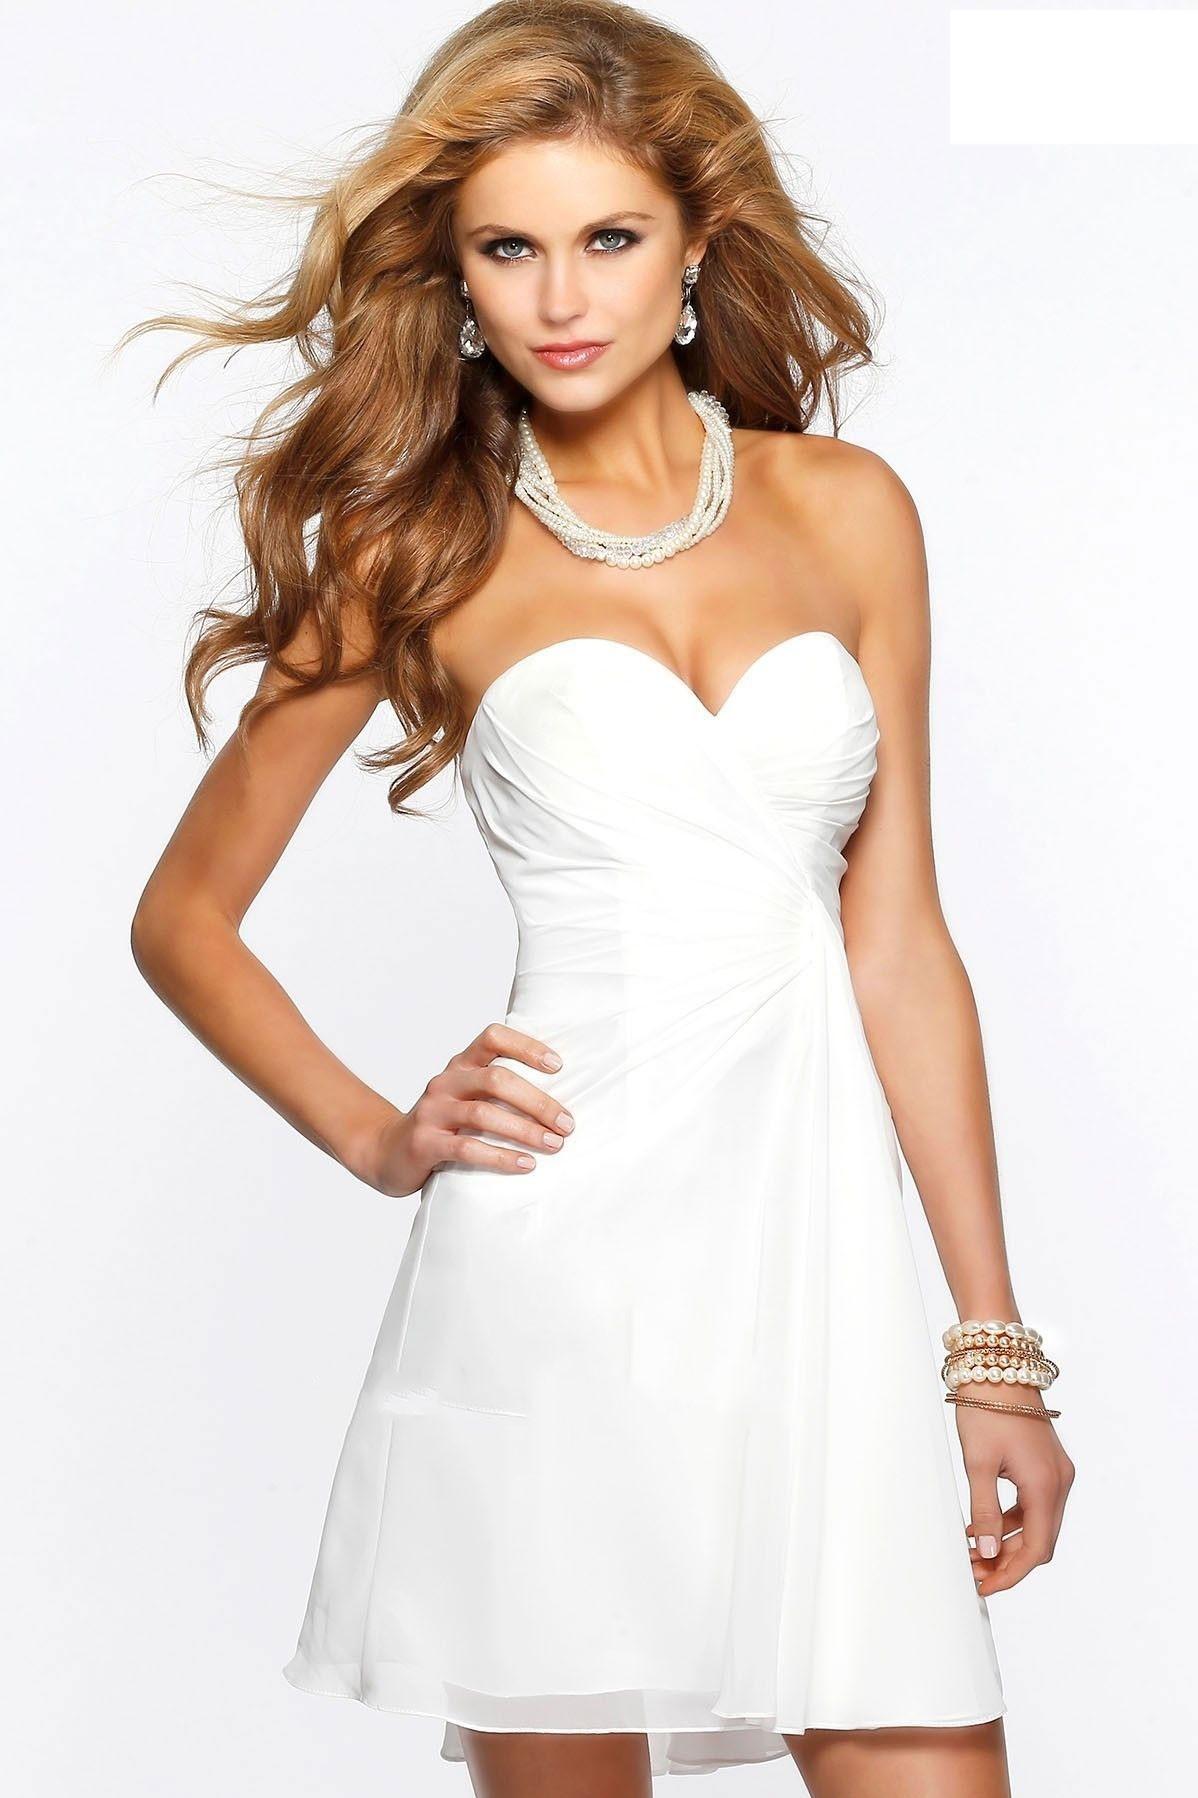 dc82caae446 Faviana 7075A Short Sweetheart Neck Chiffon Dress. Ivory ...